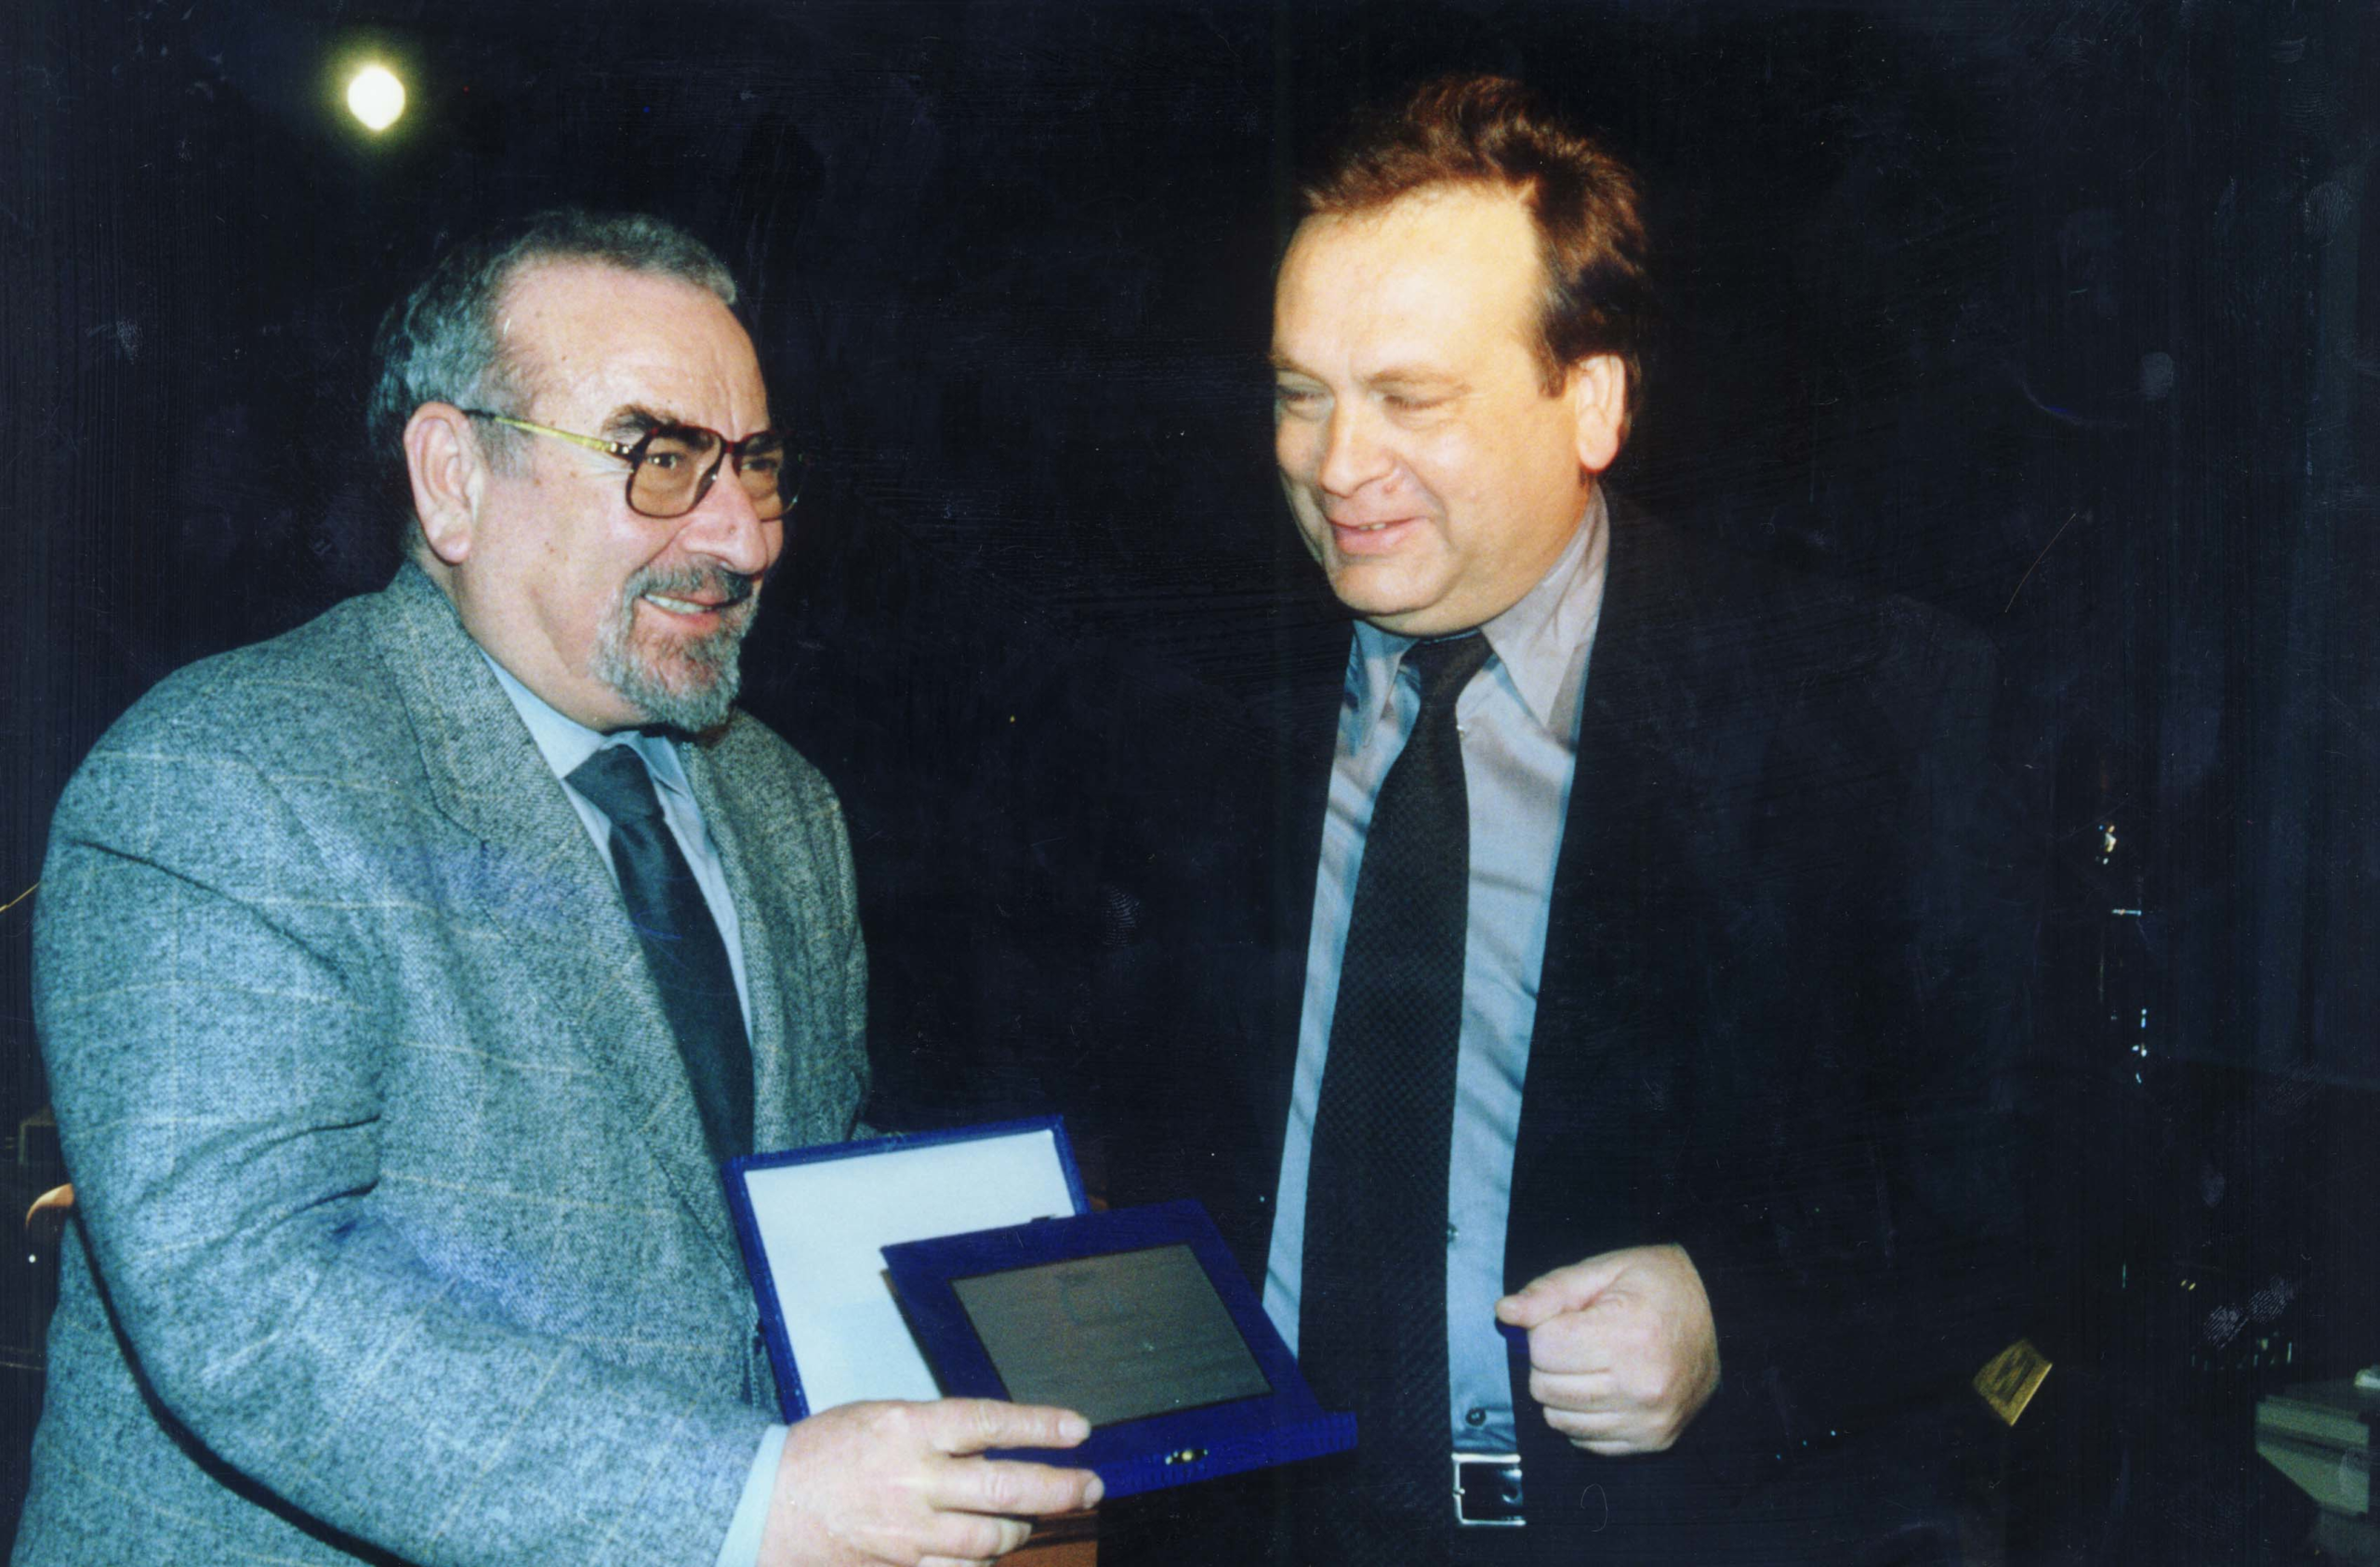 2000 | Βελλίδειο Συνεδριακό Κέντρο, Θεσσαλονίκη